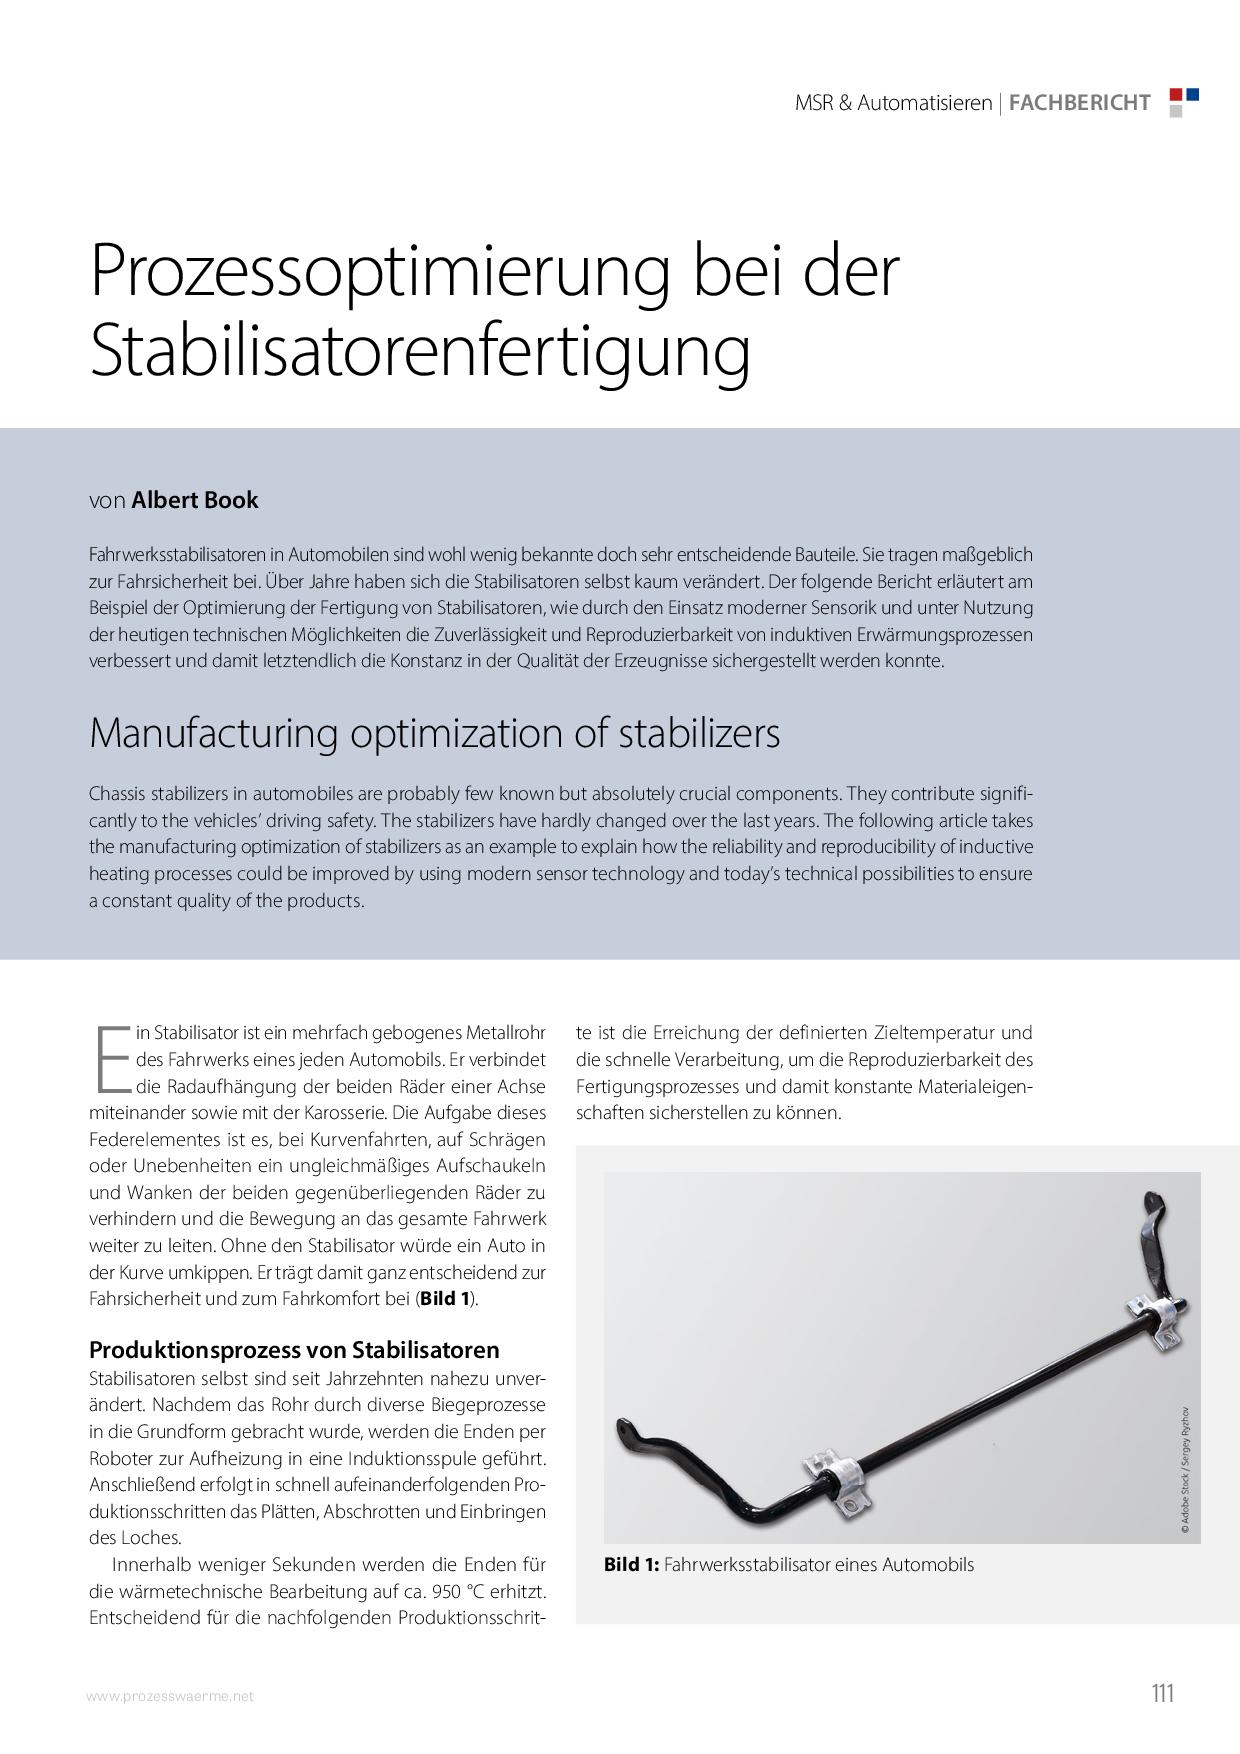 Prozessoptimierung bei der Stabilisatorenfertigung